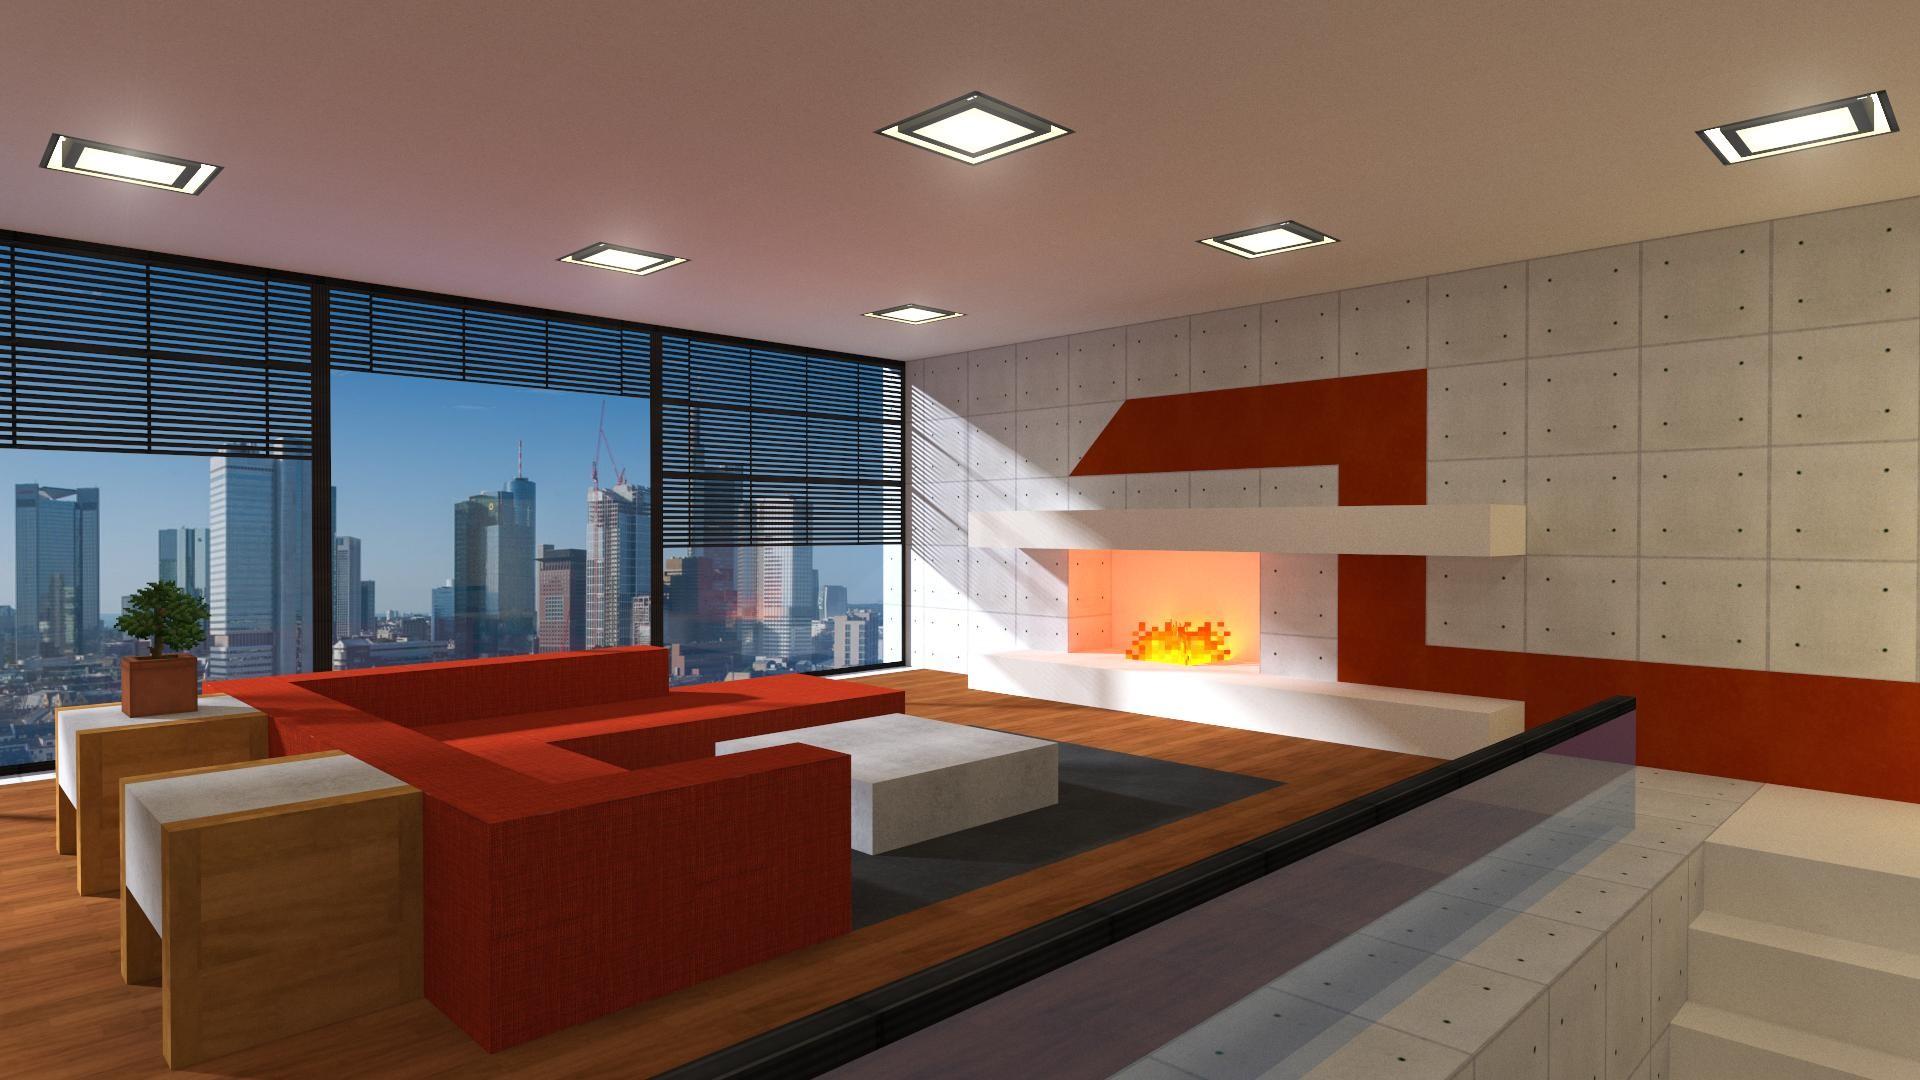 Hintergrundbilder : Fenster, Wohnungen, die Architektur, machen ...